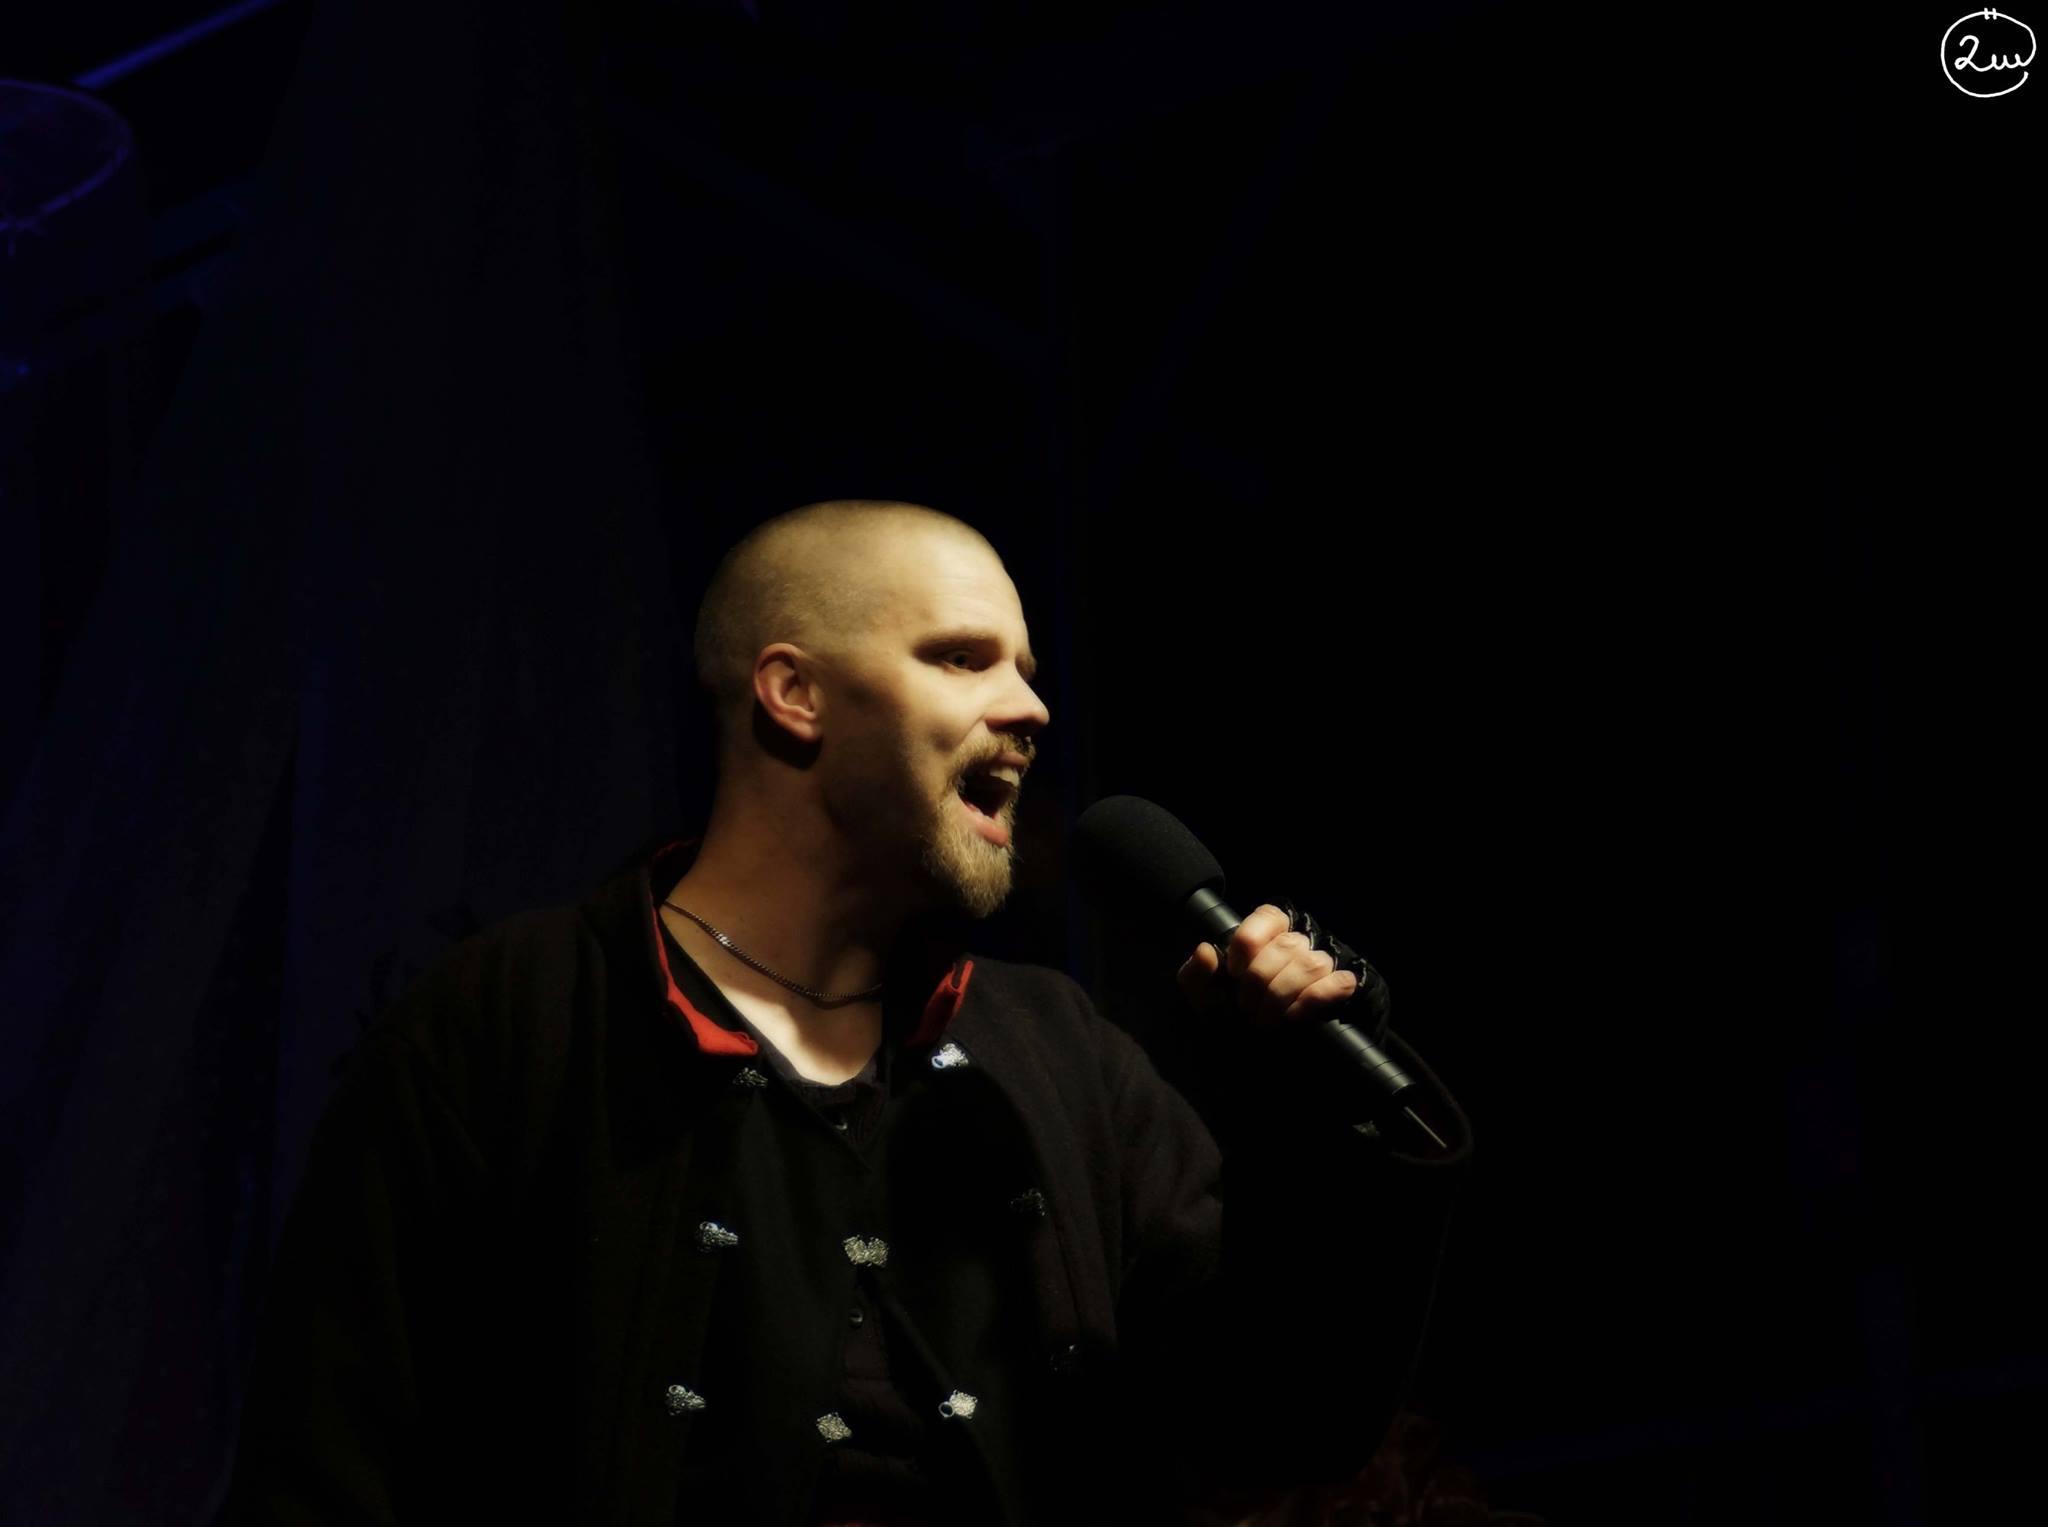 Leo Flavum medverkar som berättare även i årets show med Lucia i folktron.